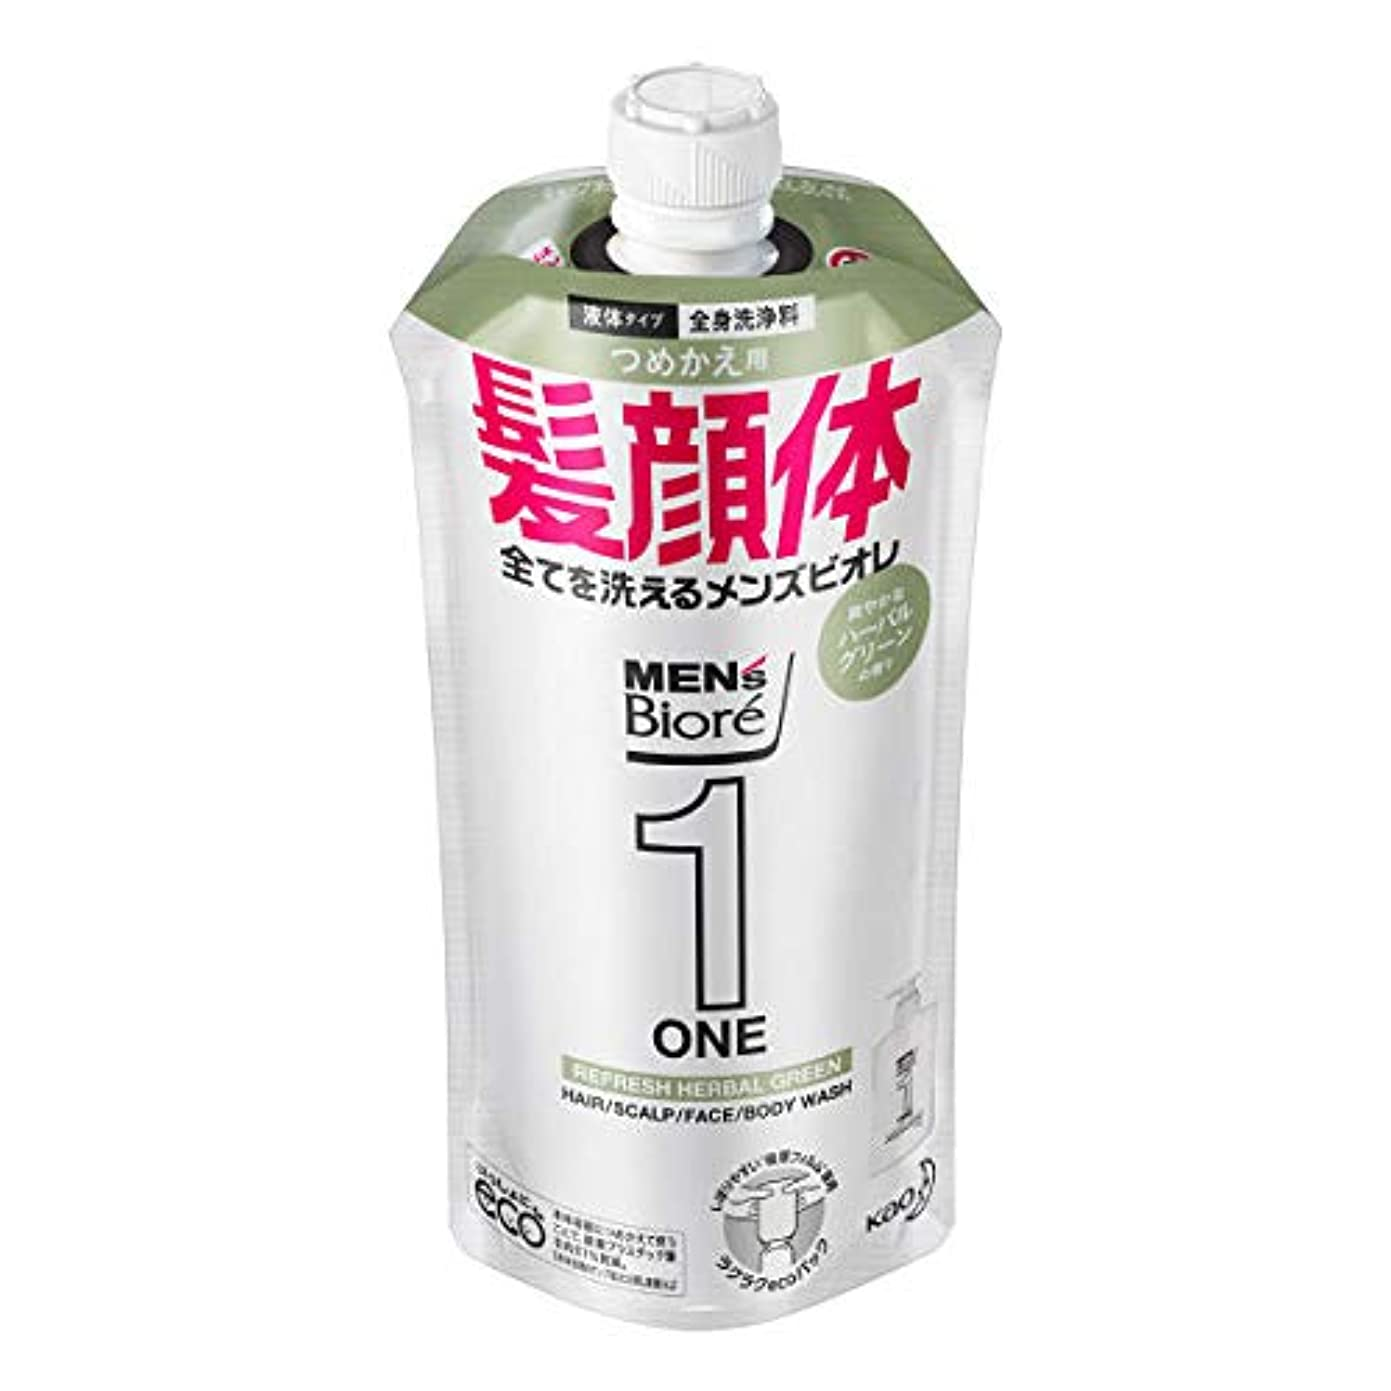 チャーター青写真テクニカルメンズビオレONE オールインワン全身洗浄料 爽やかなハーブルグリーンの香り つめかえ用 340mL